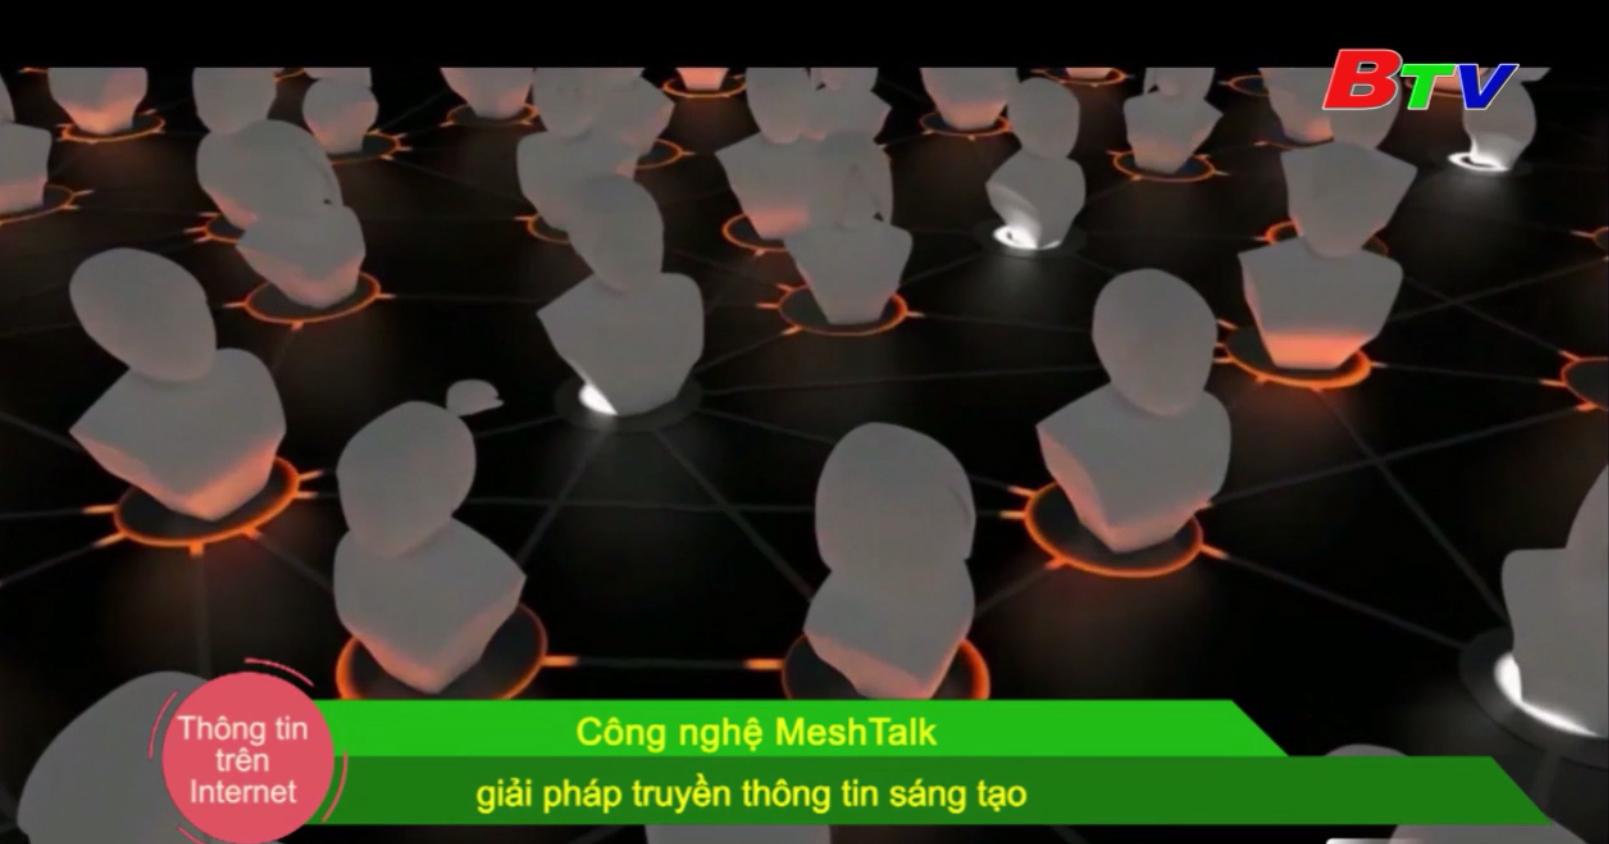 Công nghệ MeshTalk - Giải pháp truyền thông tin sáng tạo